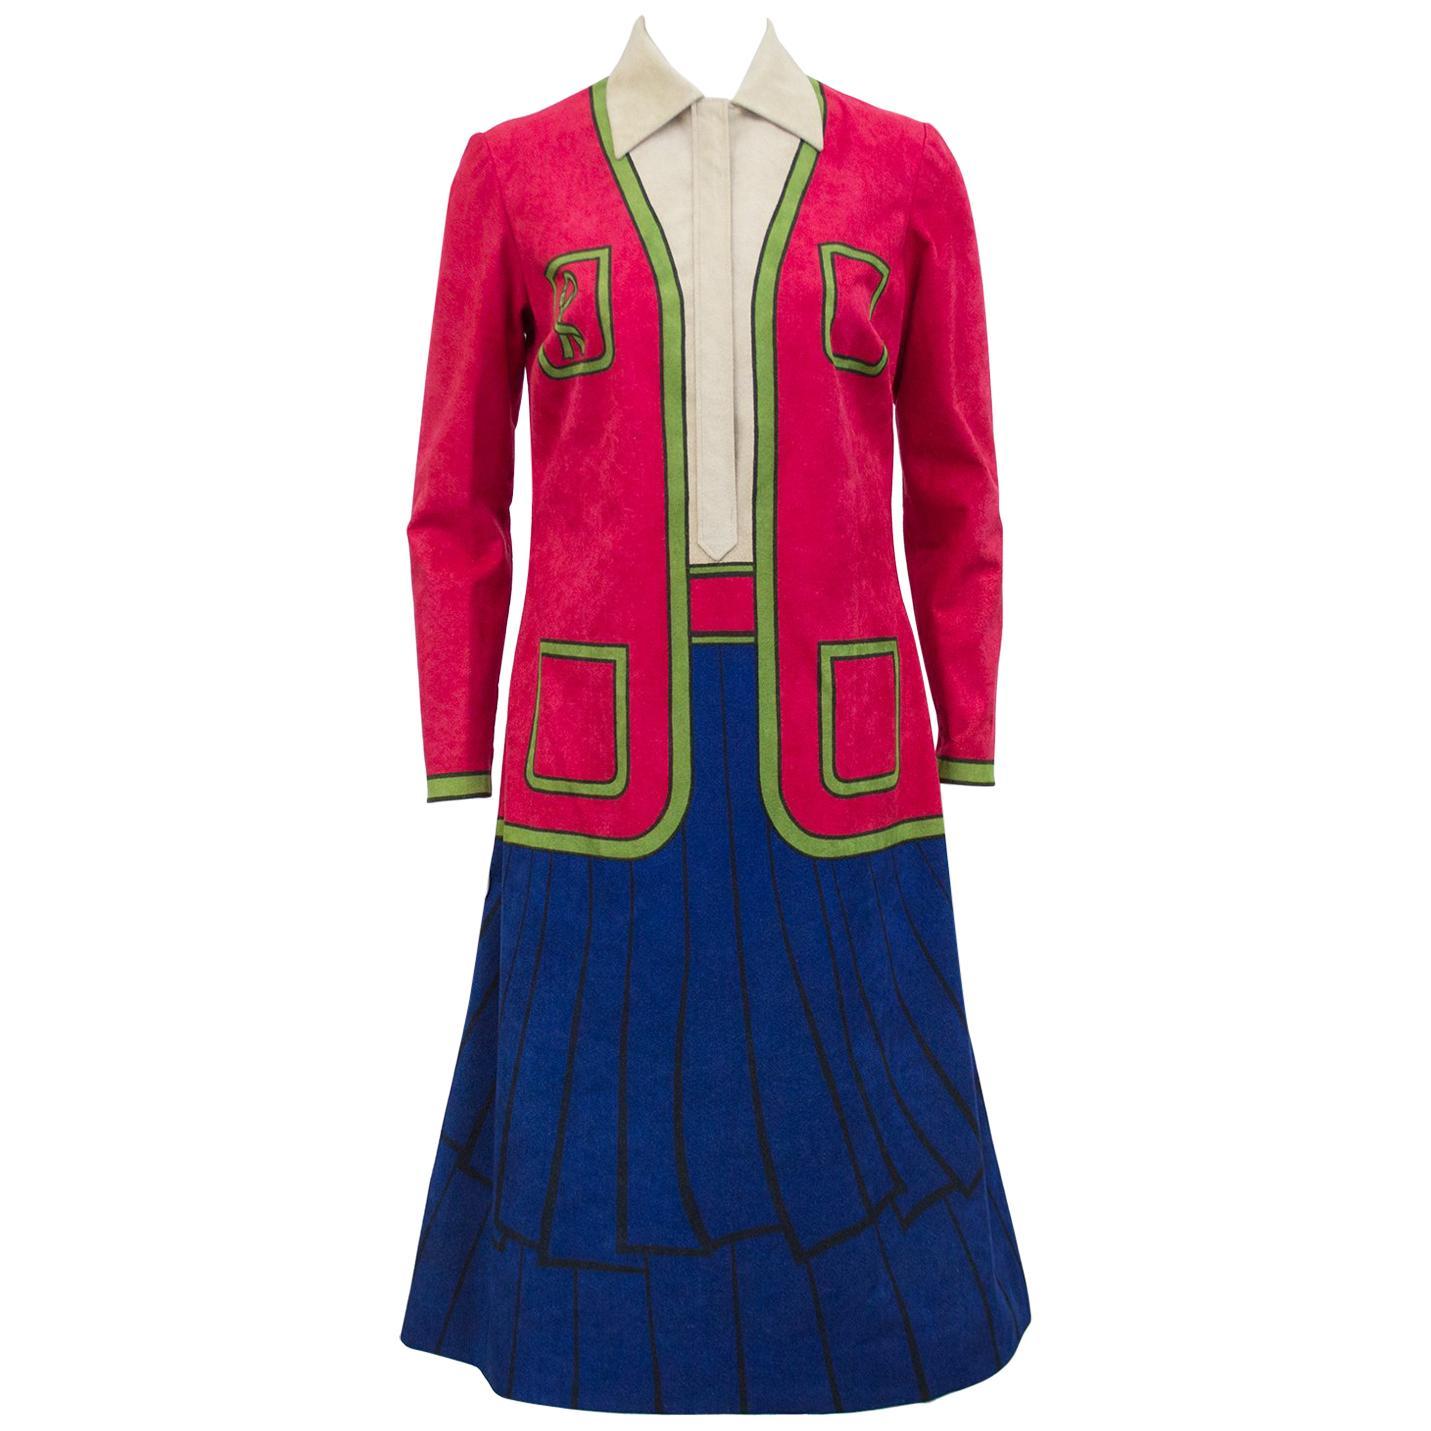 1960s Roberta di Camerino Trompe L'oeil Ultrasuede Dress